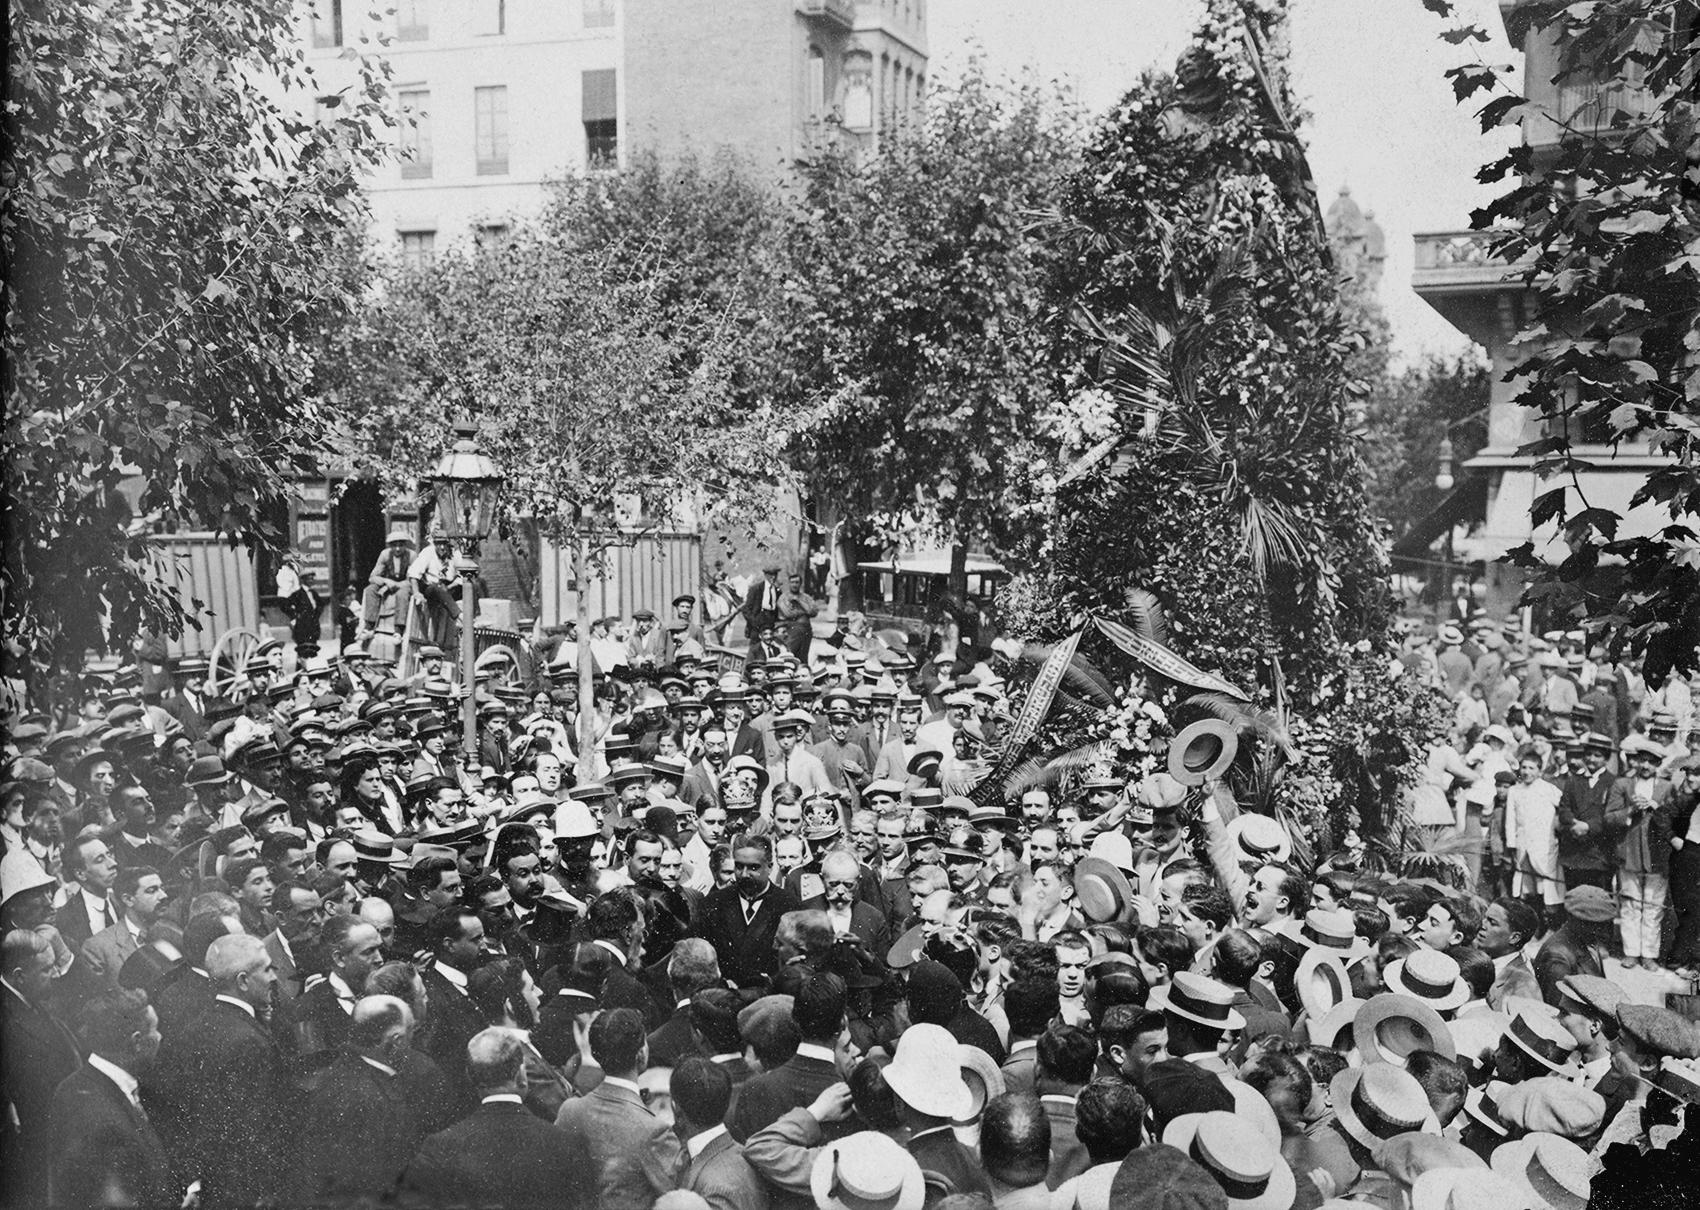 Diada 1914. Foto Carlos Perez de Rozas. Fuente Archivo Municipal de Barcelona